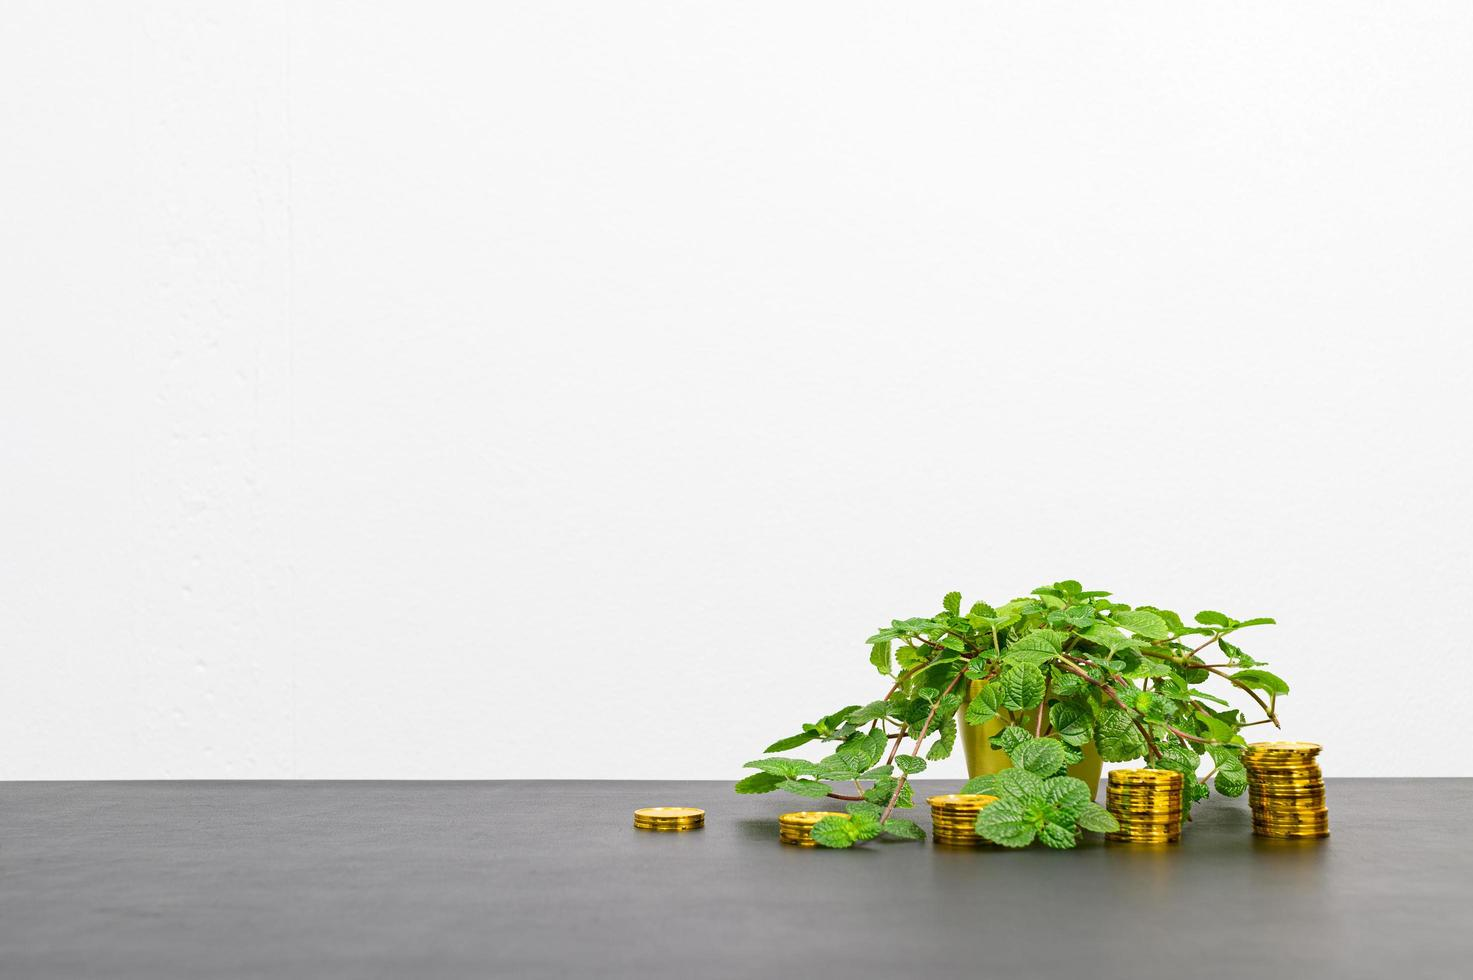 concepto de crecimiento financiero con monedas y una flor foto